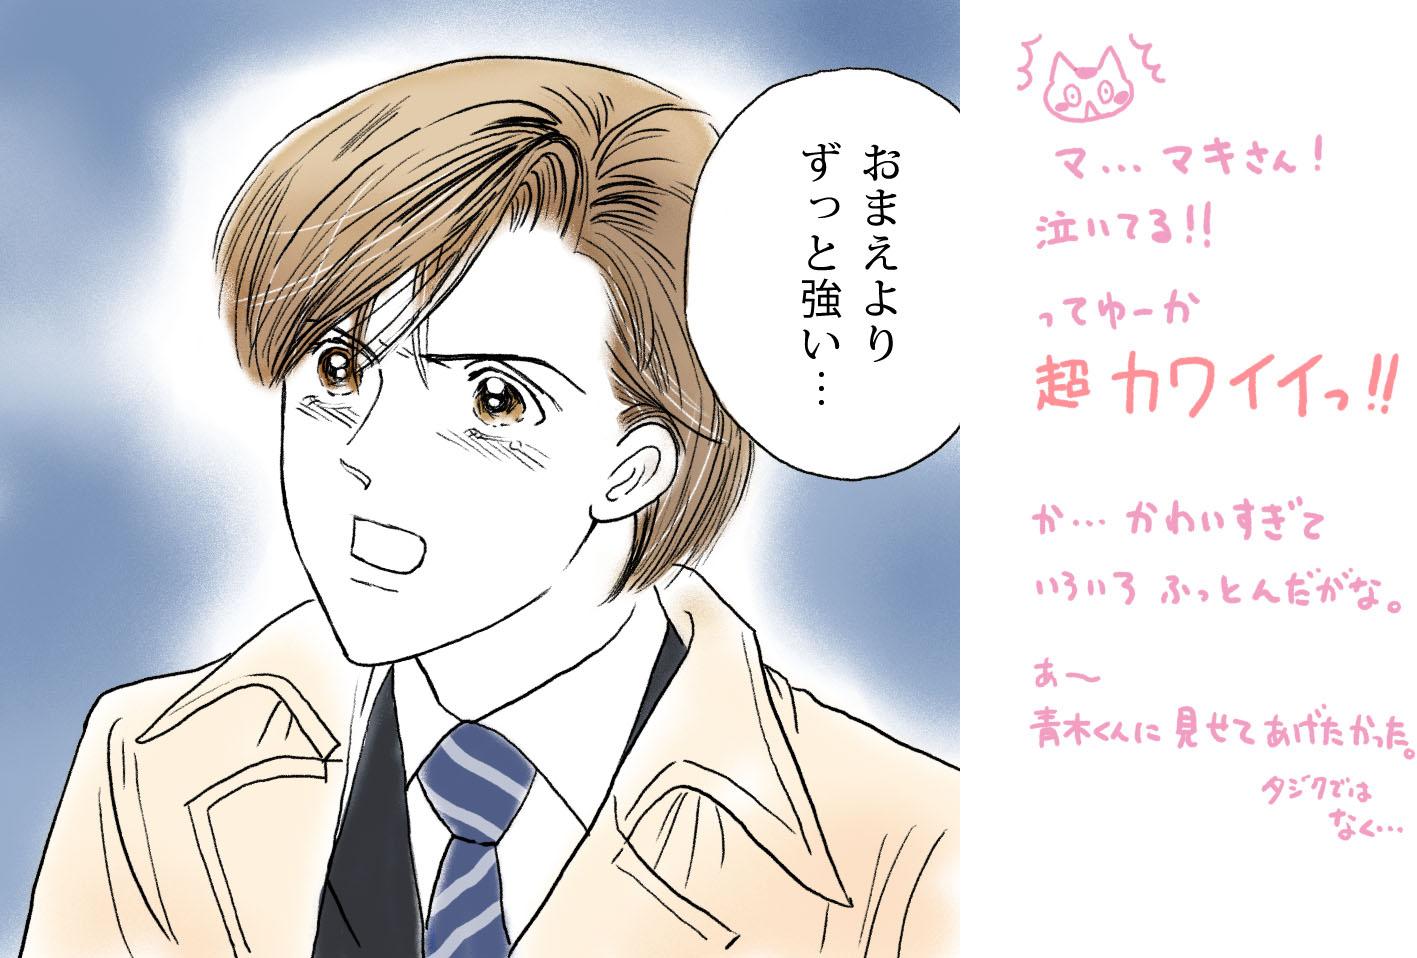 がわいい〜〜!! 秘密 メロディ6月号